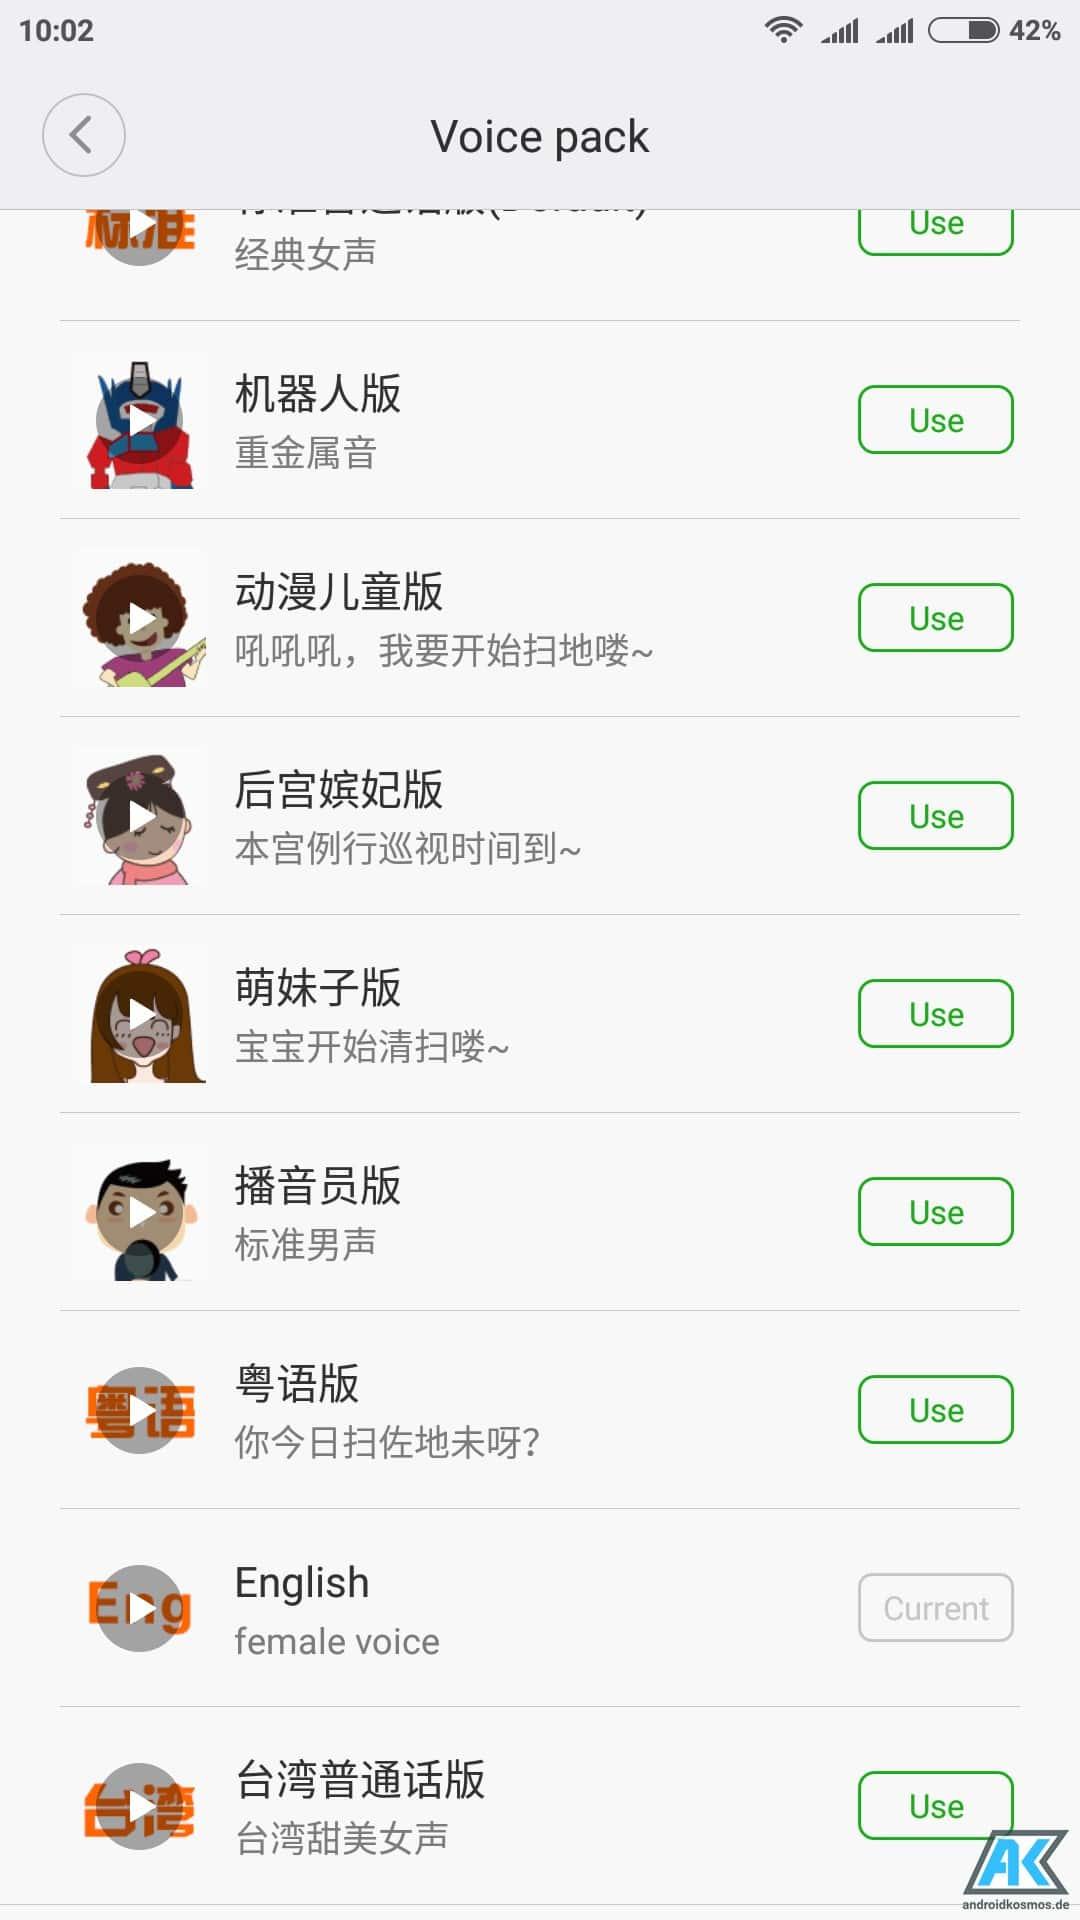 Anleitung: Xiaomi Mi Robot Vacuum Sprache auf Englisch umstellen 7